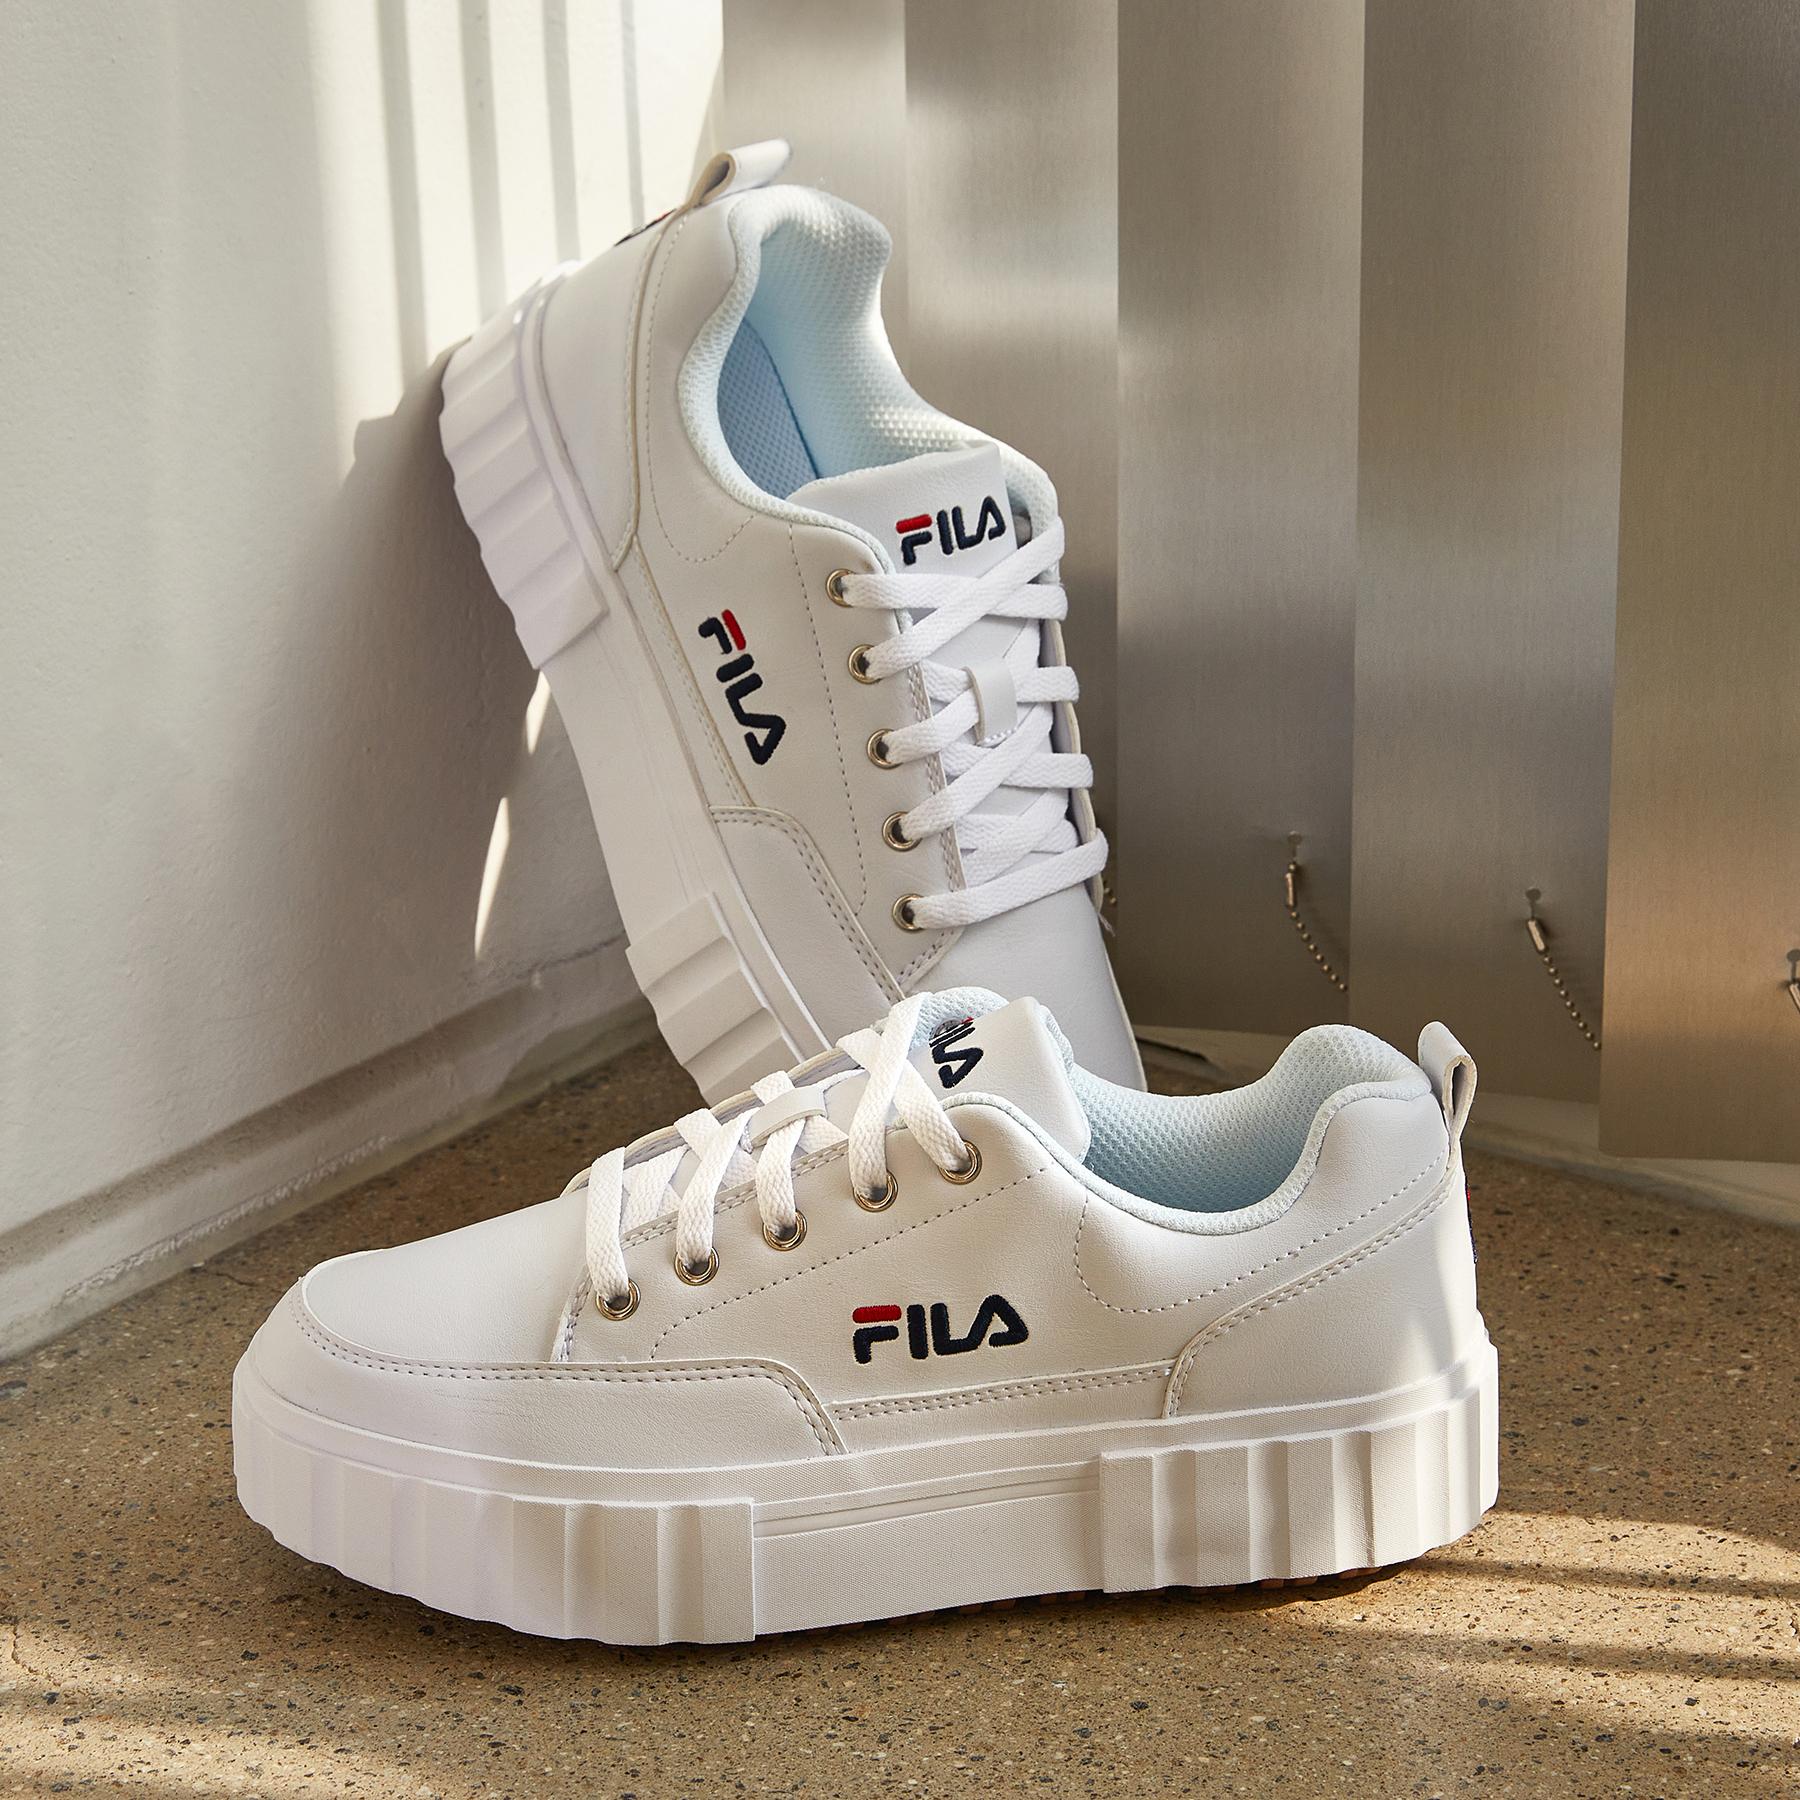 韓國FILA SAND BLAST ROW 餅乾鞋 (白色)